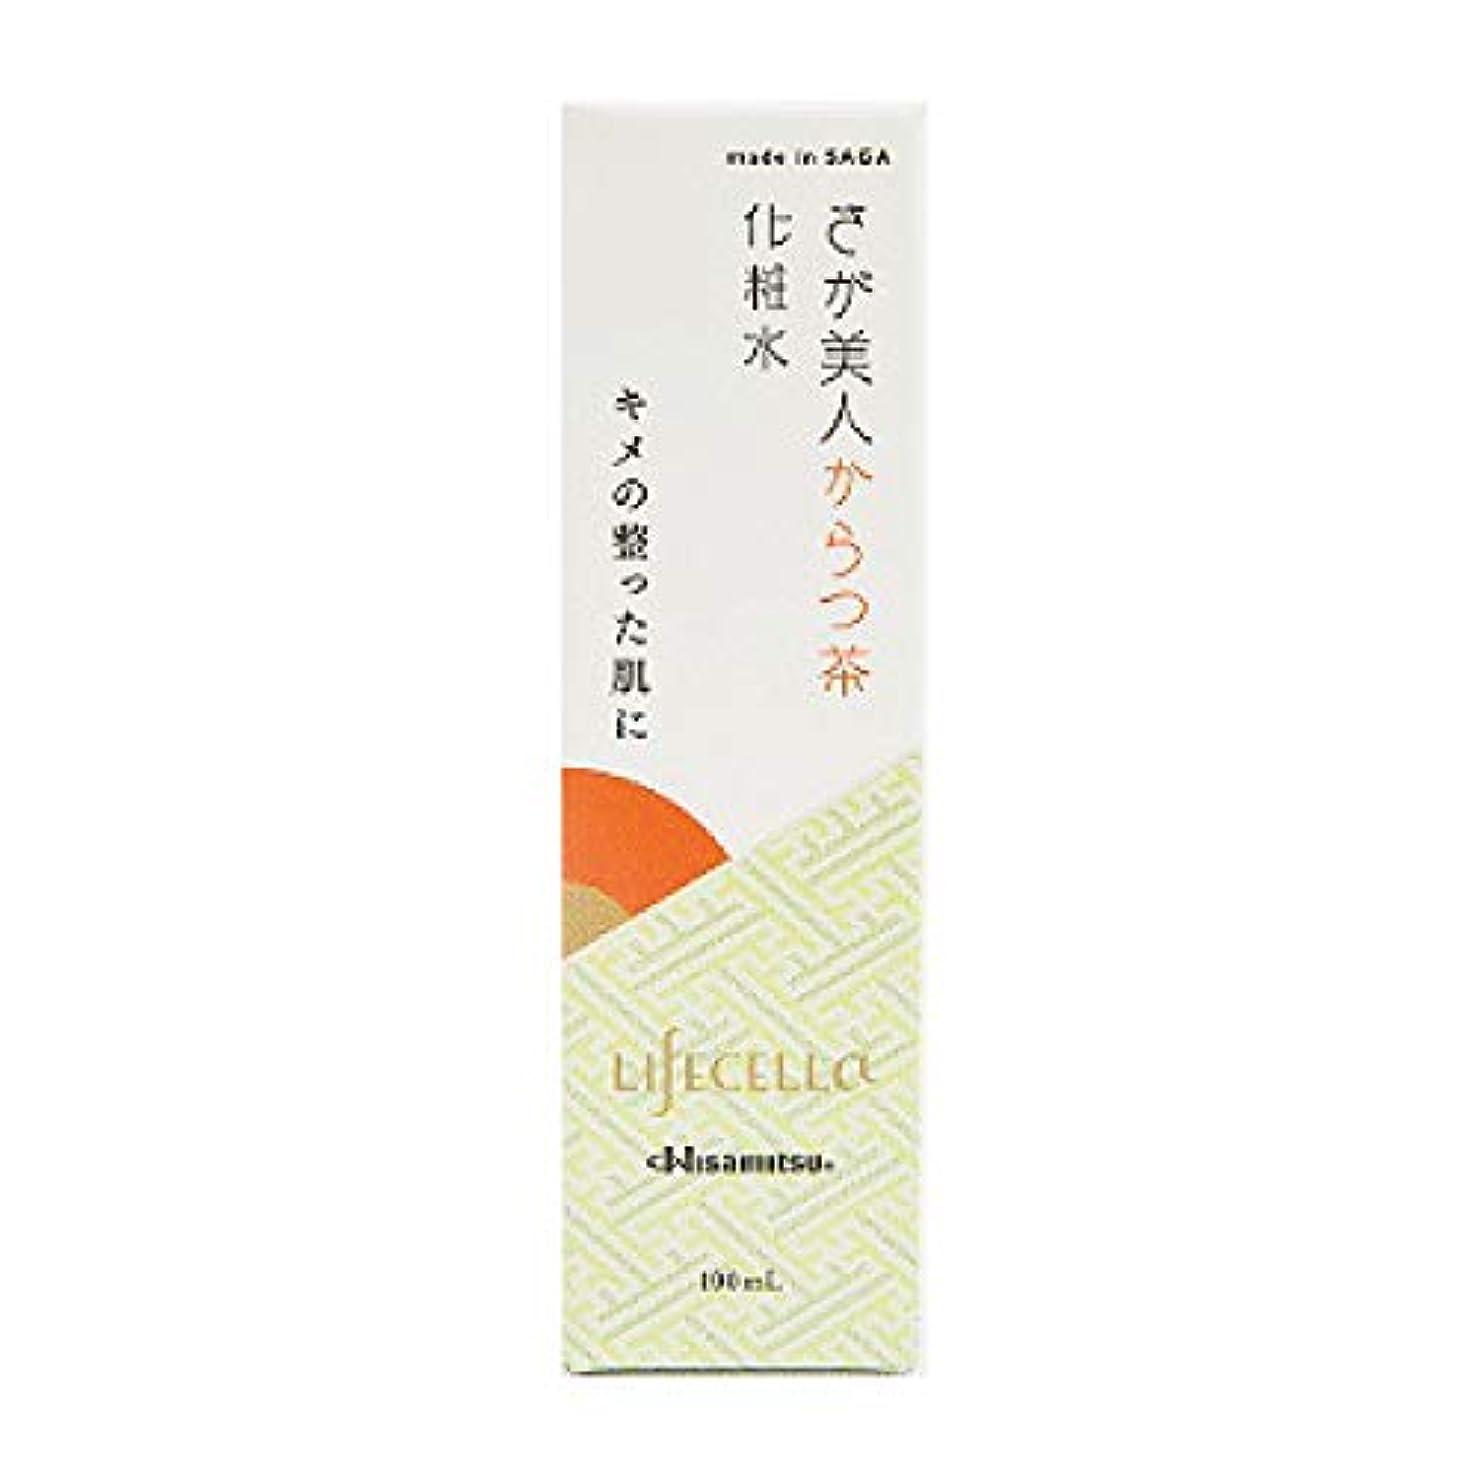 さが美人 化粧水 (からつ茶) 久光製薬 ご当地 コスメ 保湿